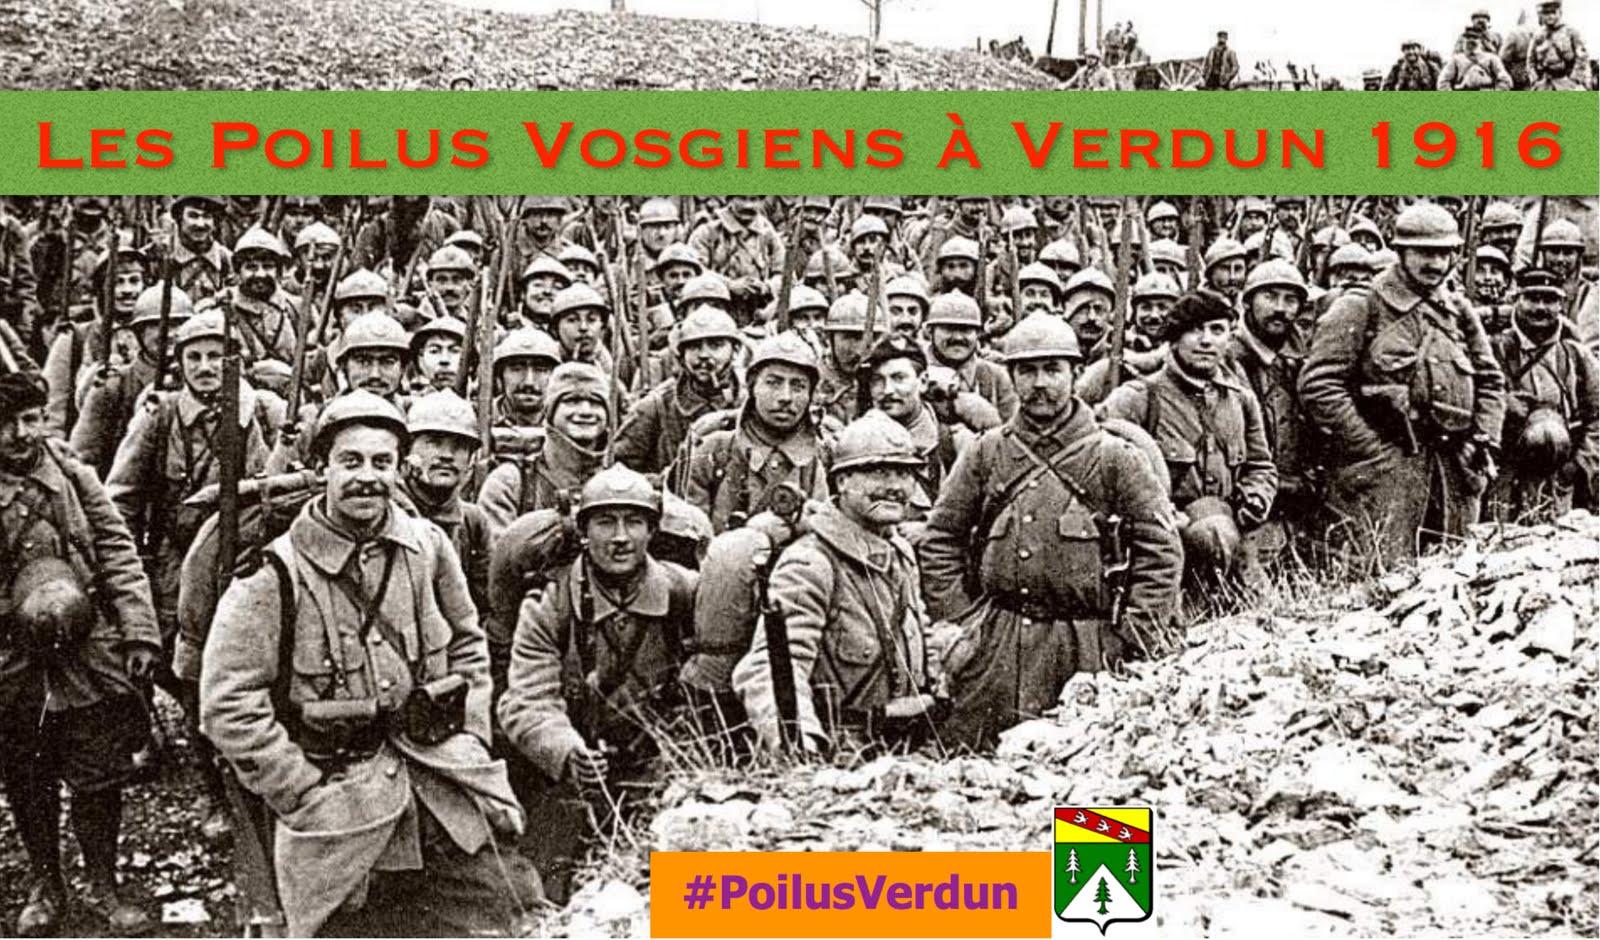 Les Poilus Vosgiens à Verdun 1916